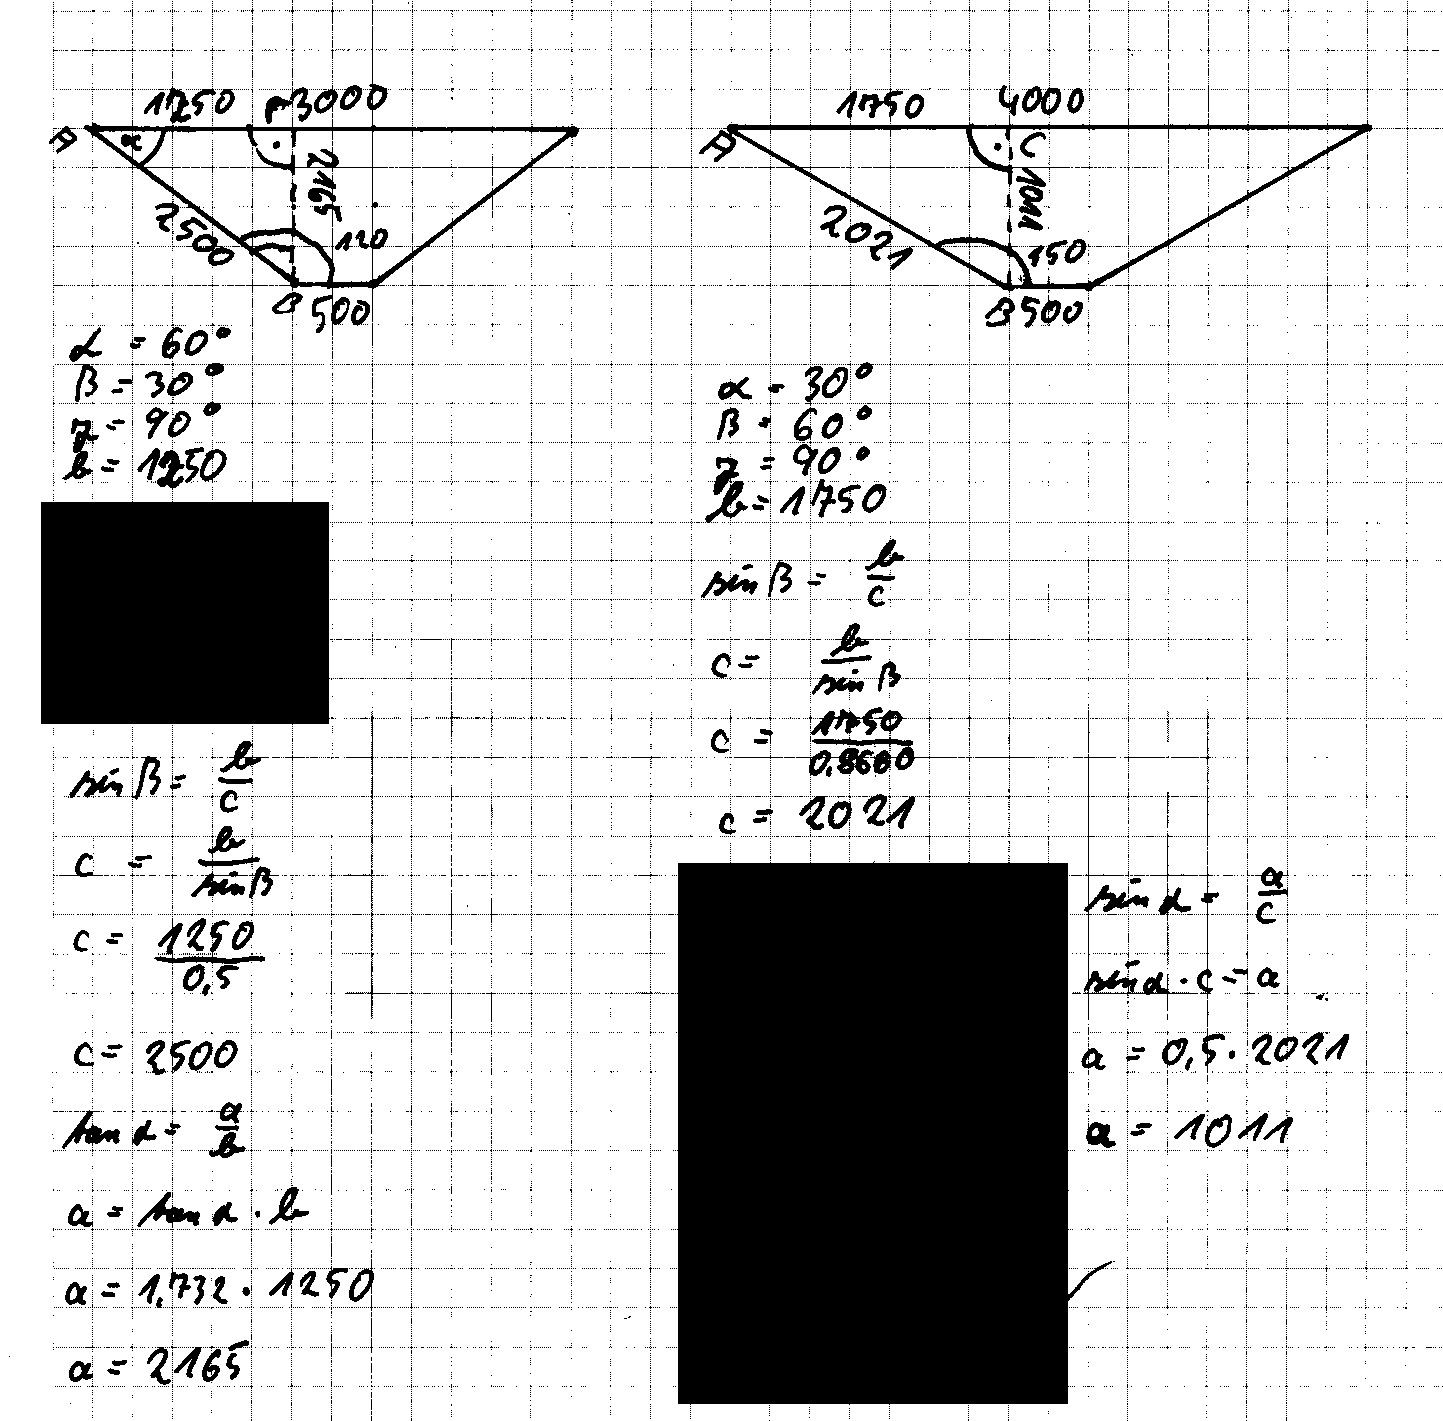 wie pyramidenstumpf prismoid berechnen onlinemathe das mathe forum. Black Bedroom Furniture Sets. Home Design Ideas